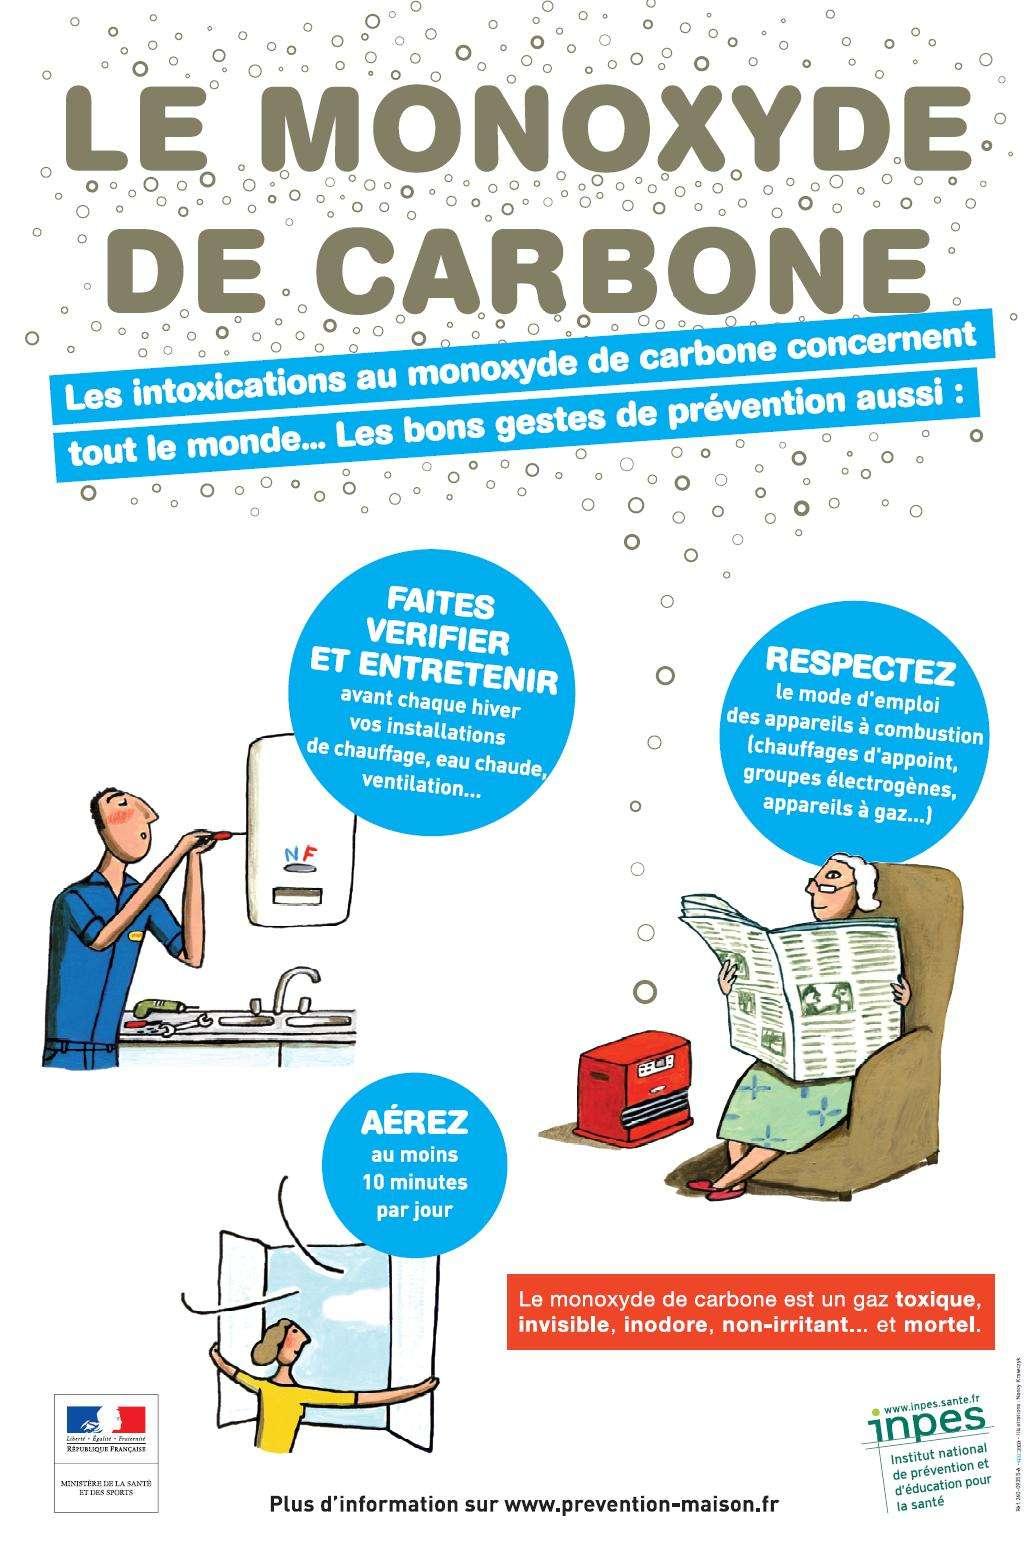 Des moyens de prévention existent pour éviter les intoxications au monoxyde de carbone. © INPES